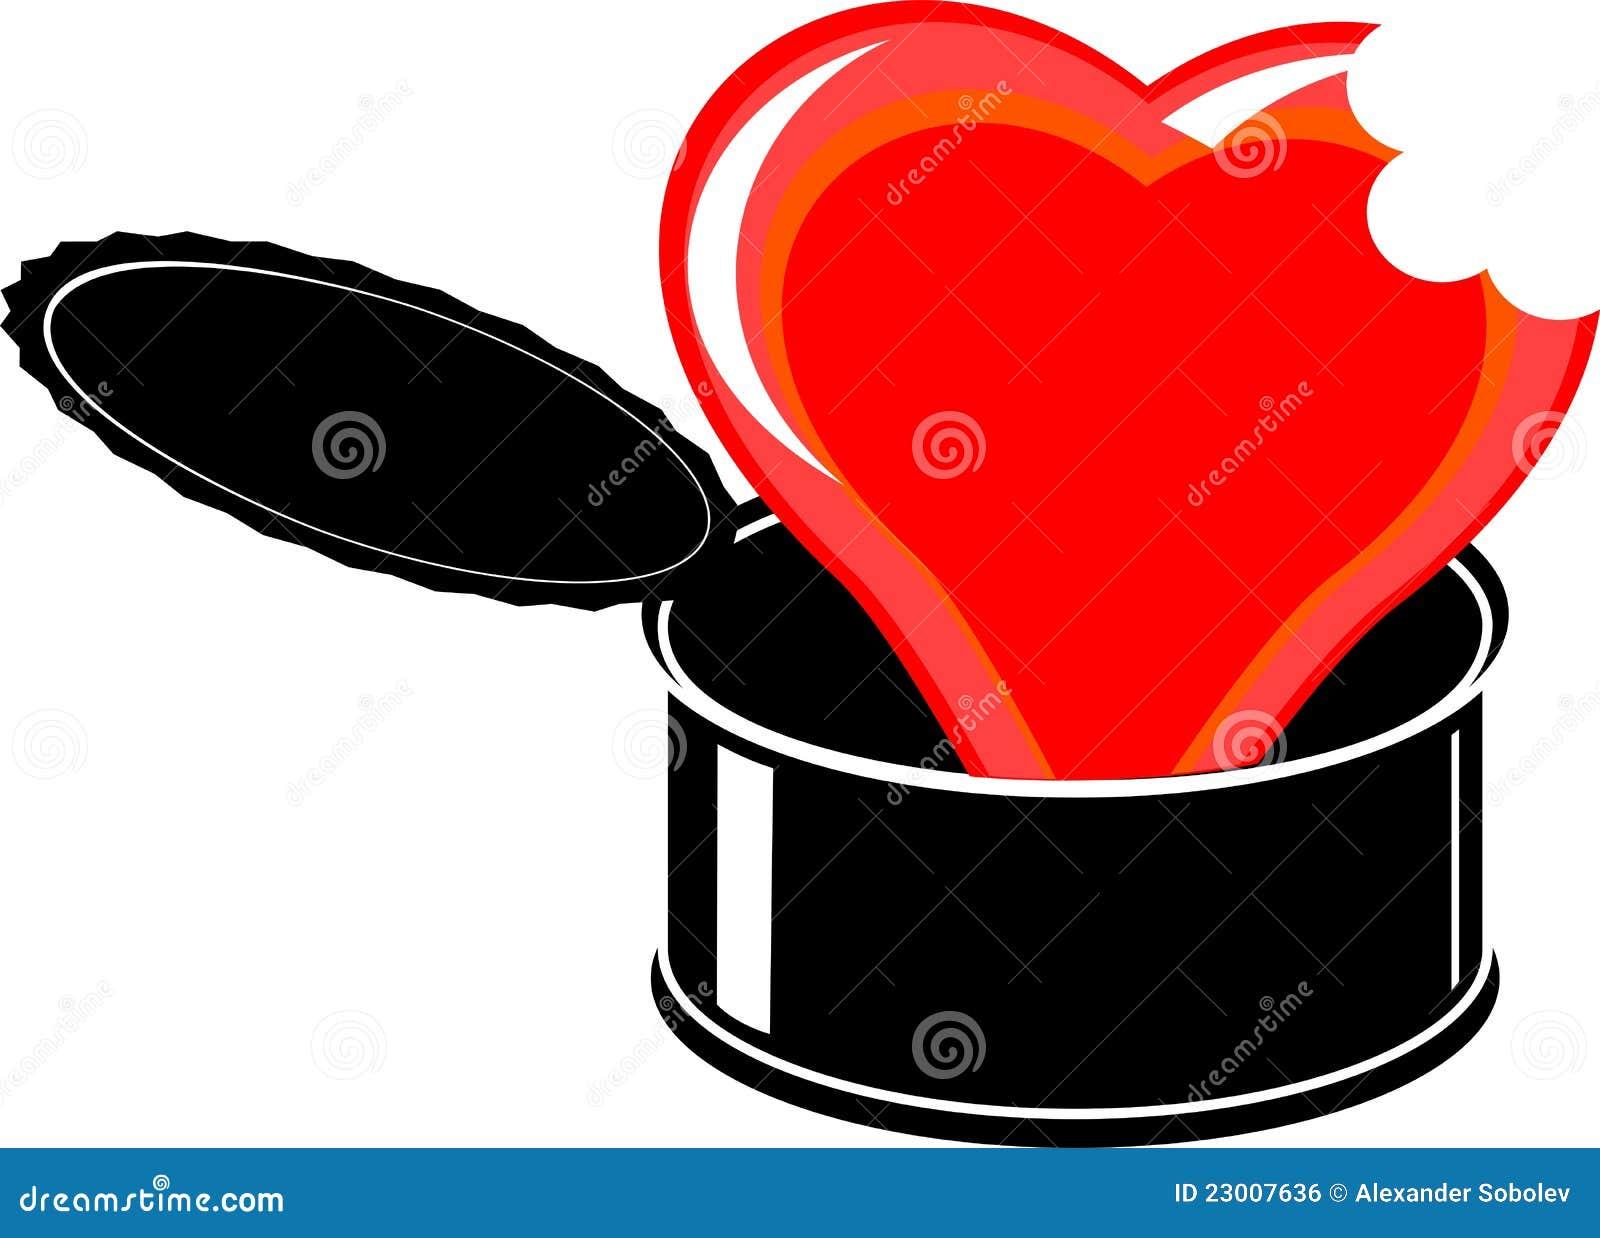 coeur cass de dessin anim rouge en tain ouvert de noir. Black Bedroom Furniture Sets. Home Design Ideas